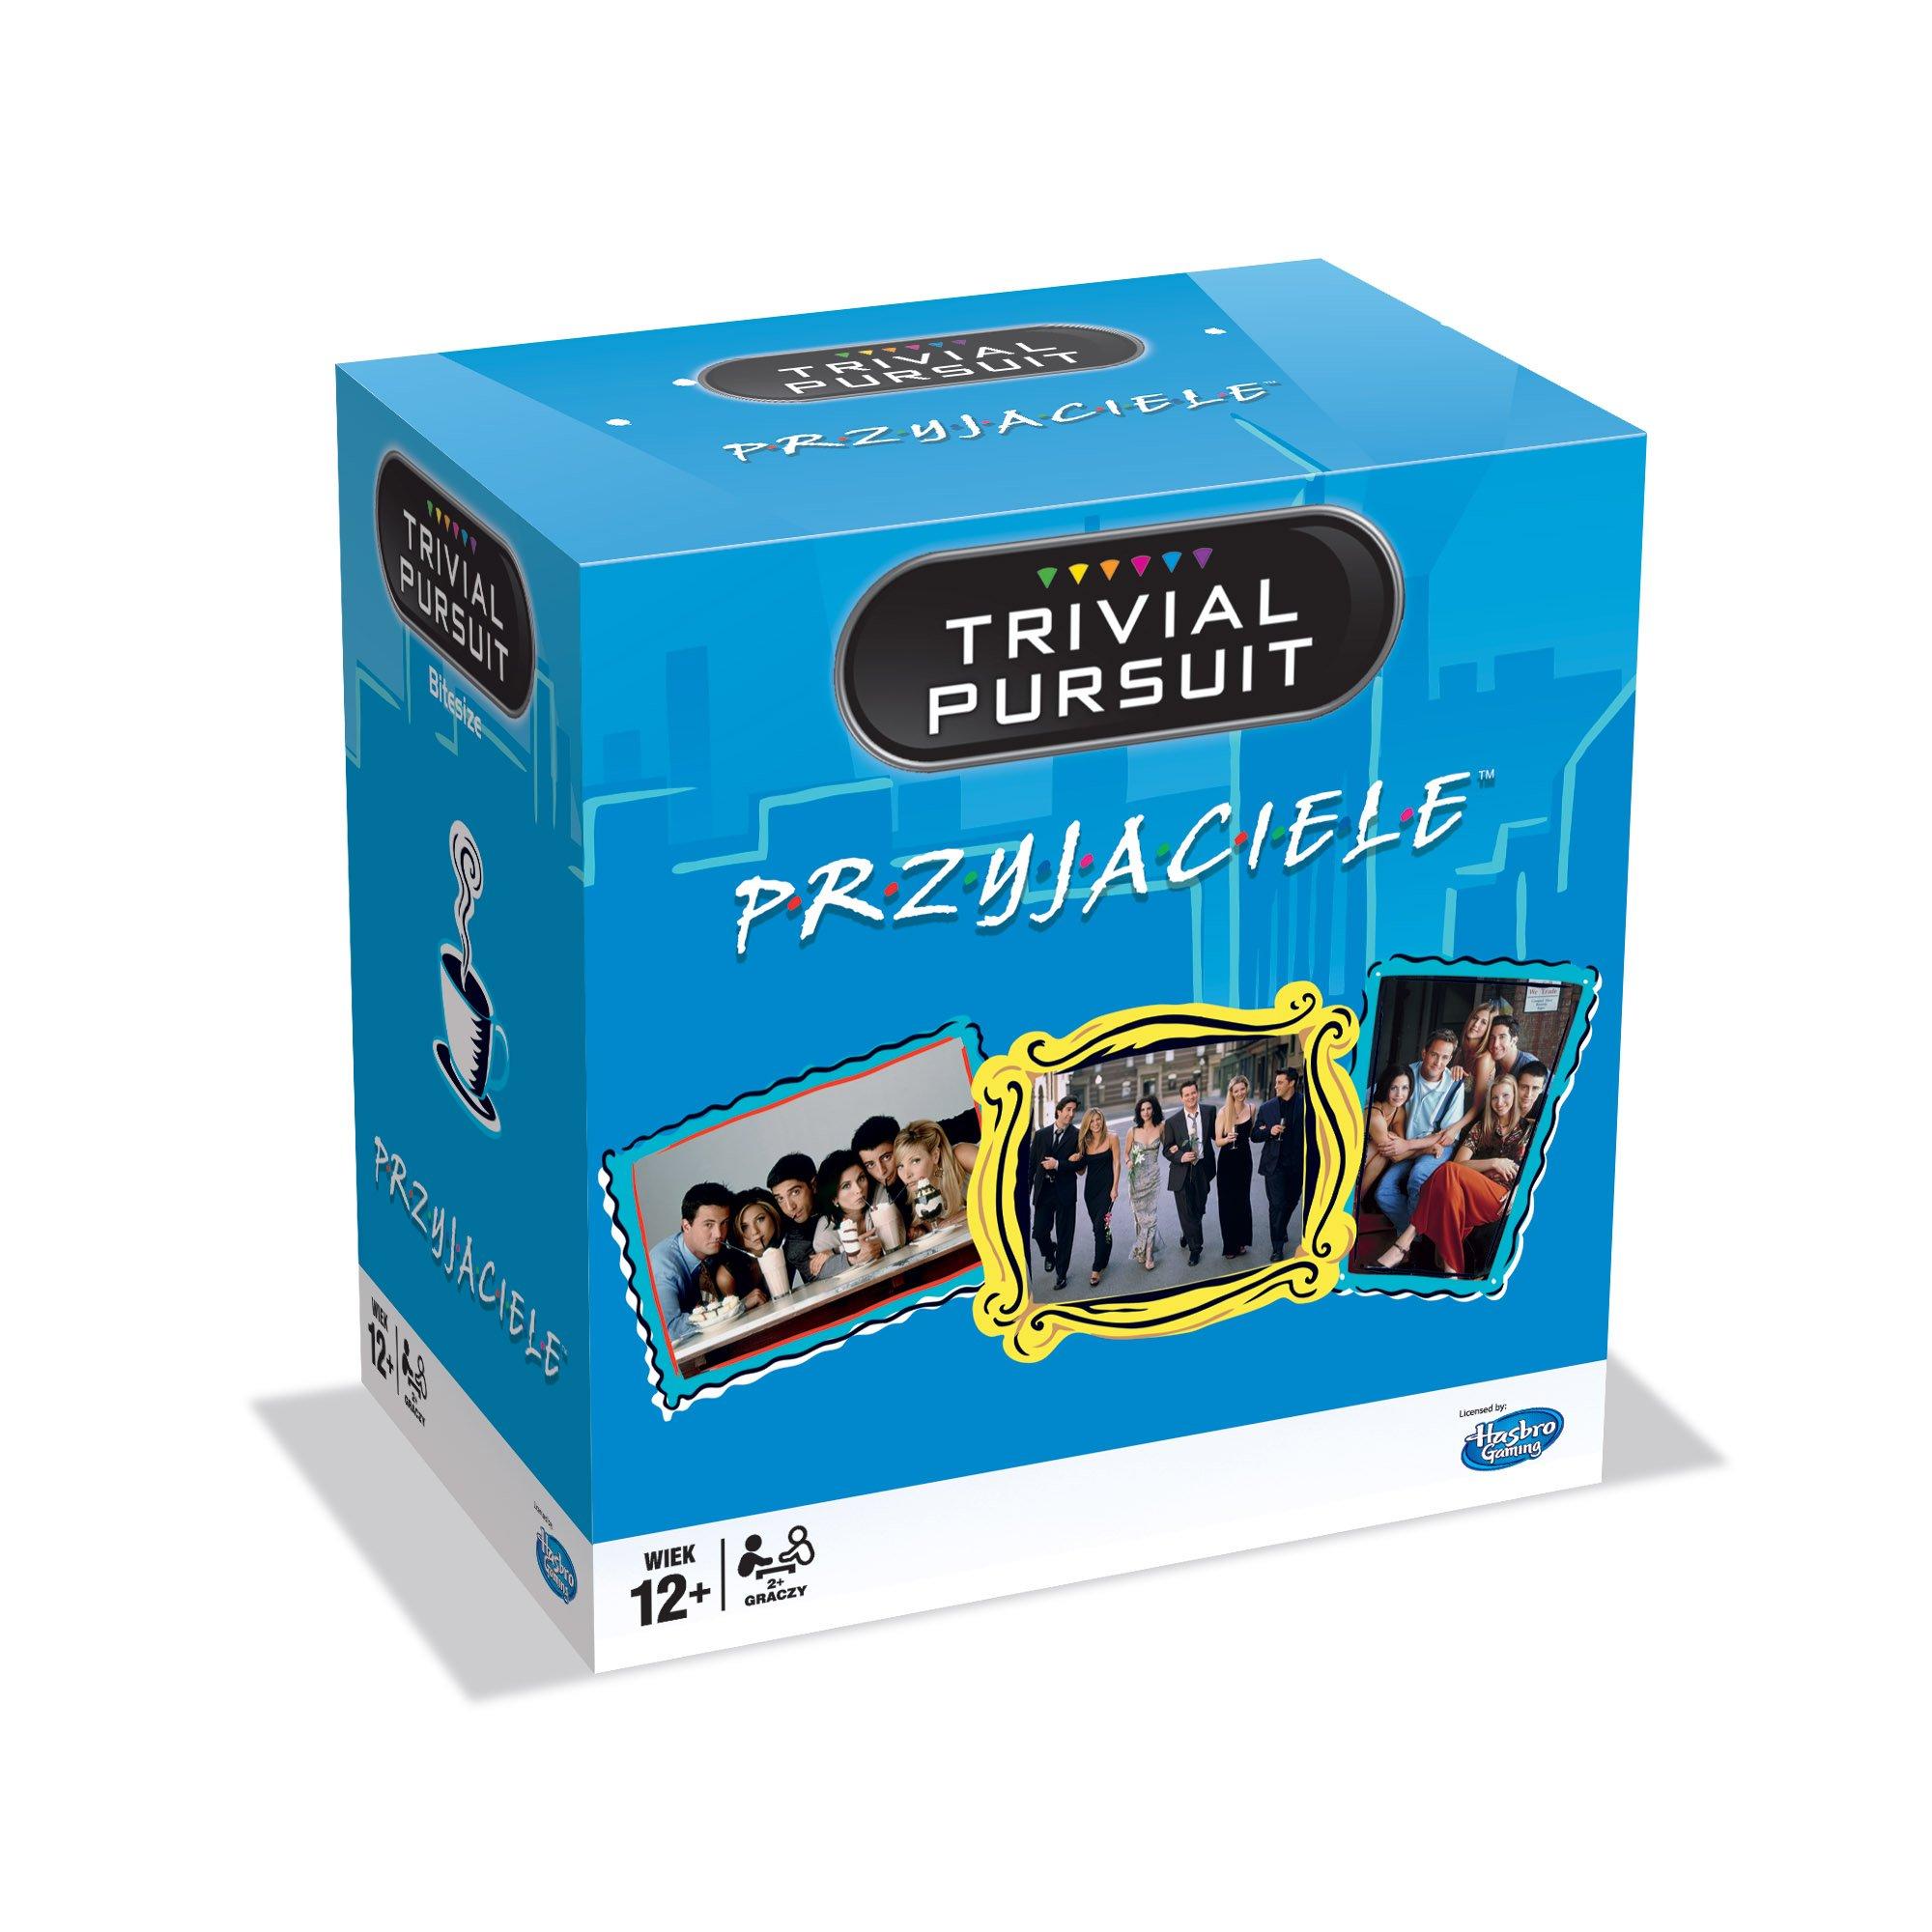 Trivial Pursuit - Przyjaciele